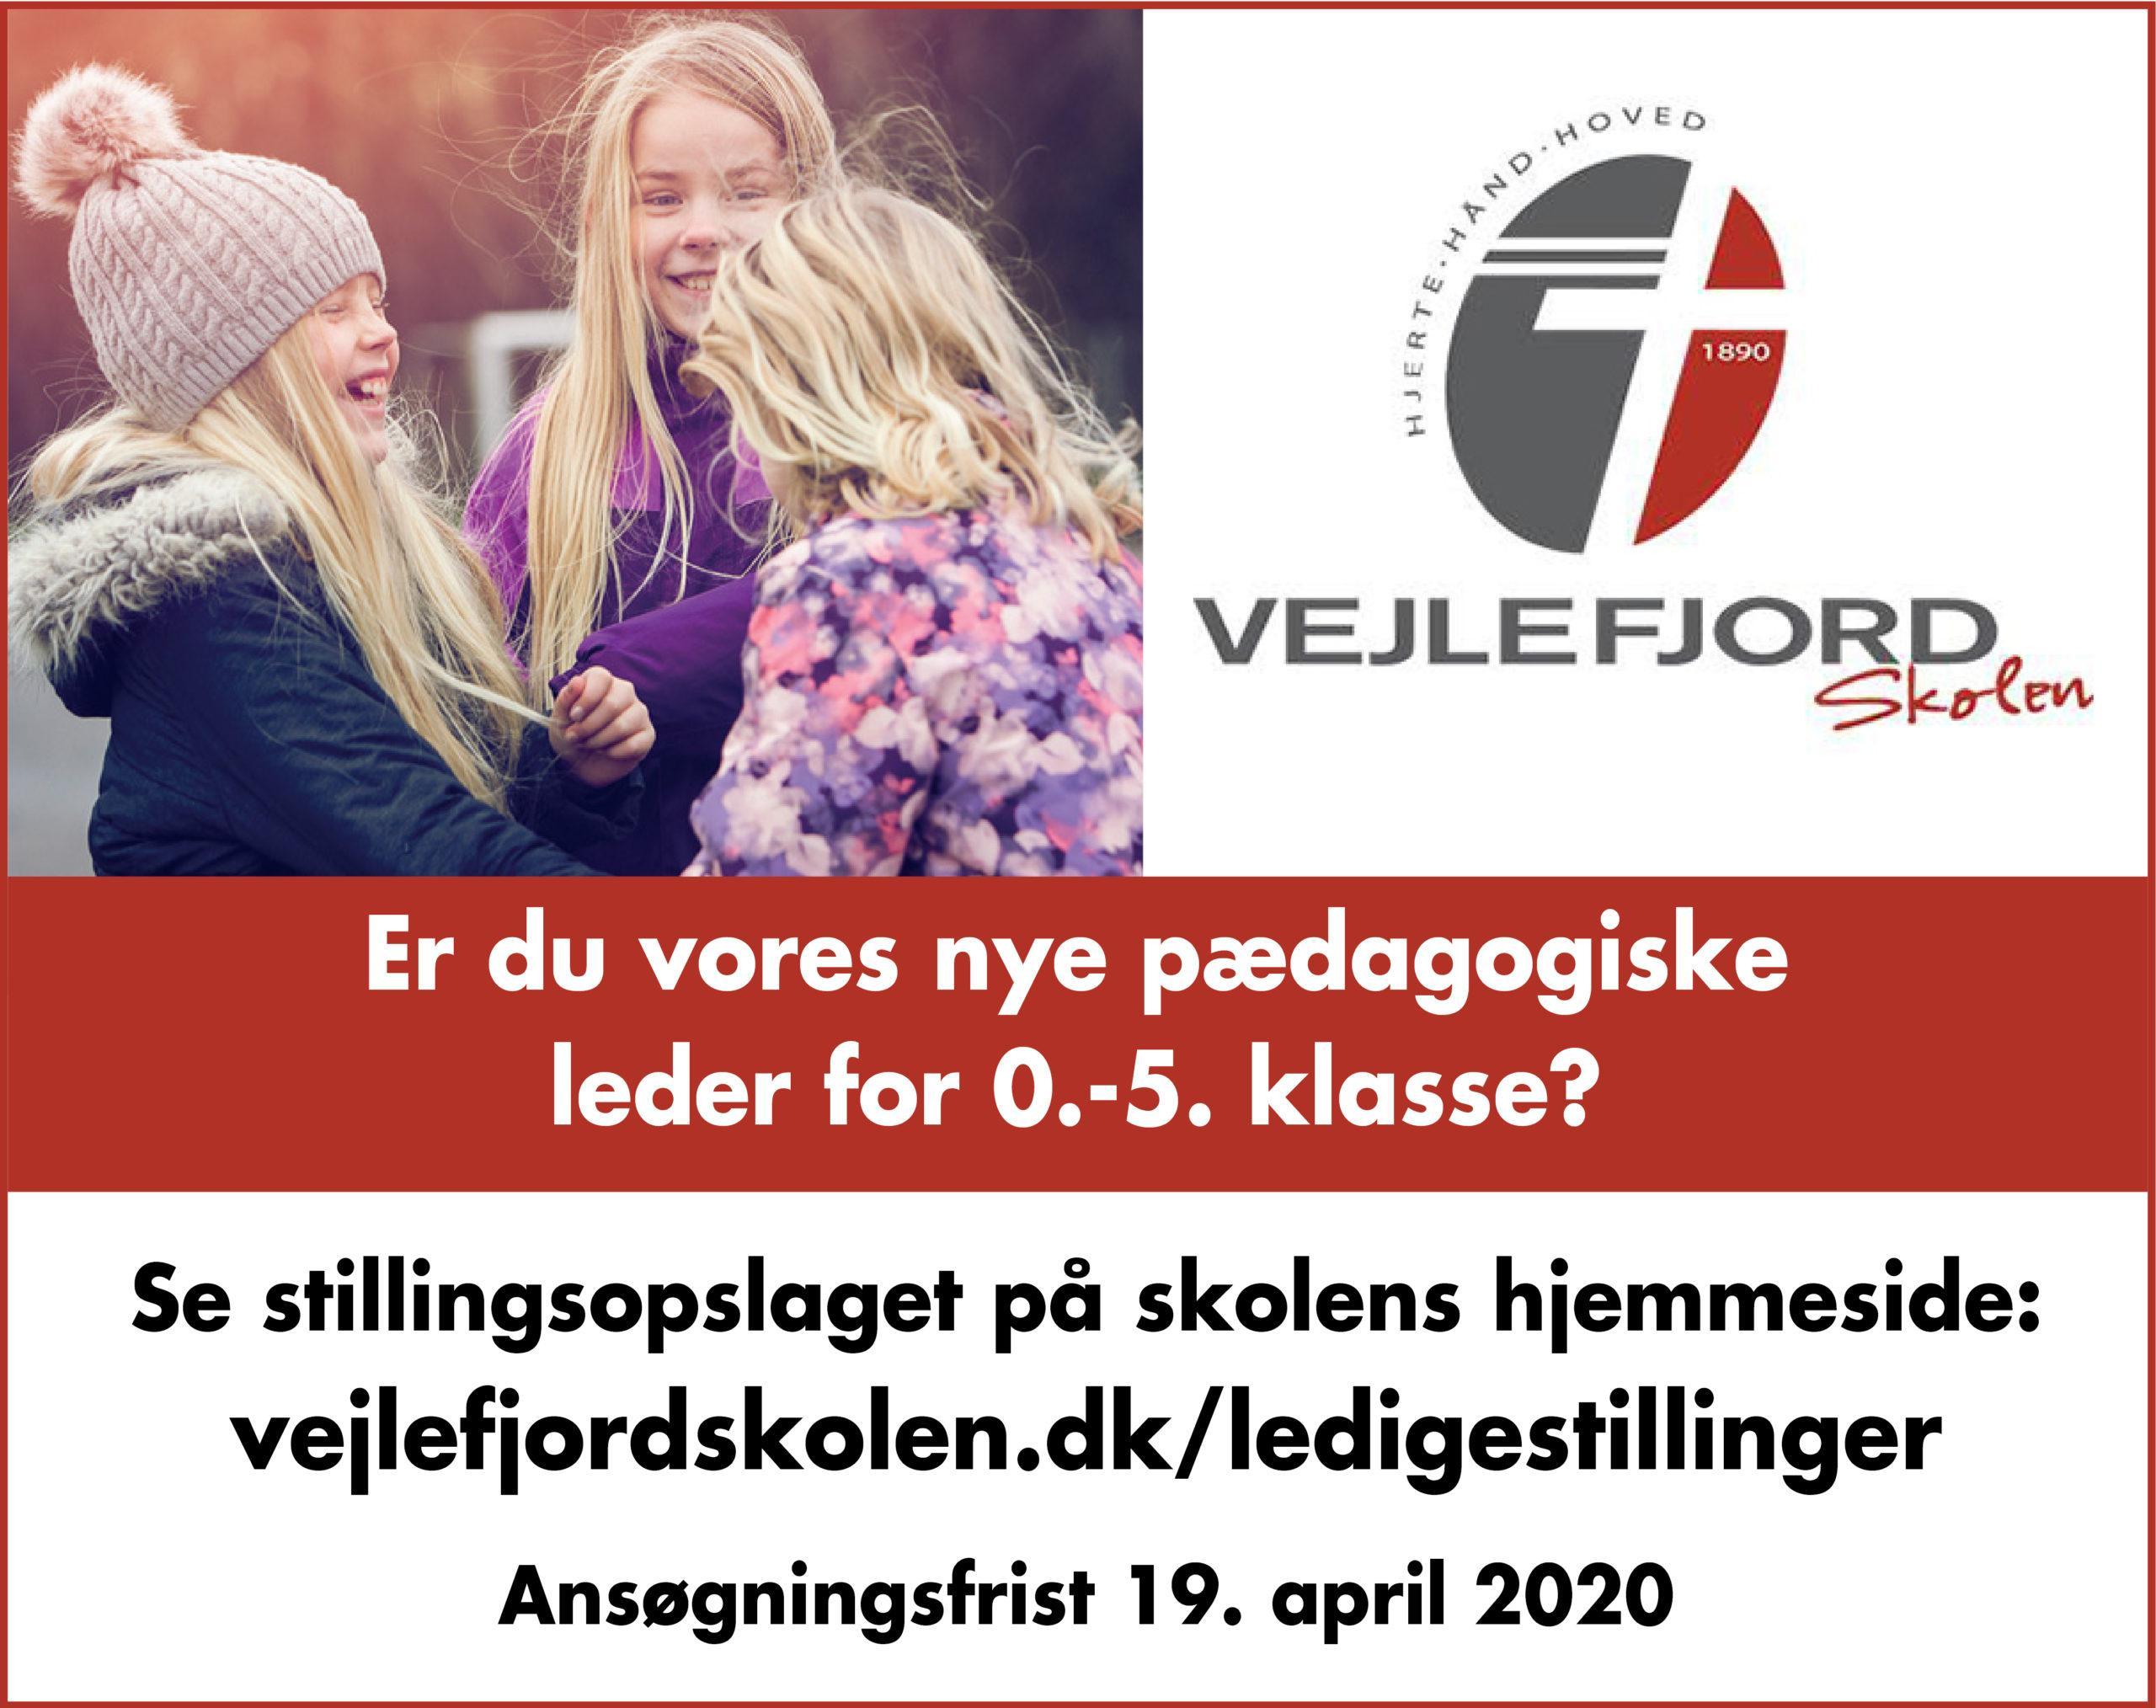 Vejlefjordskolen